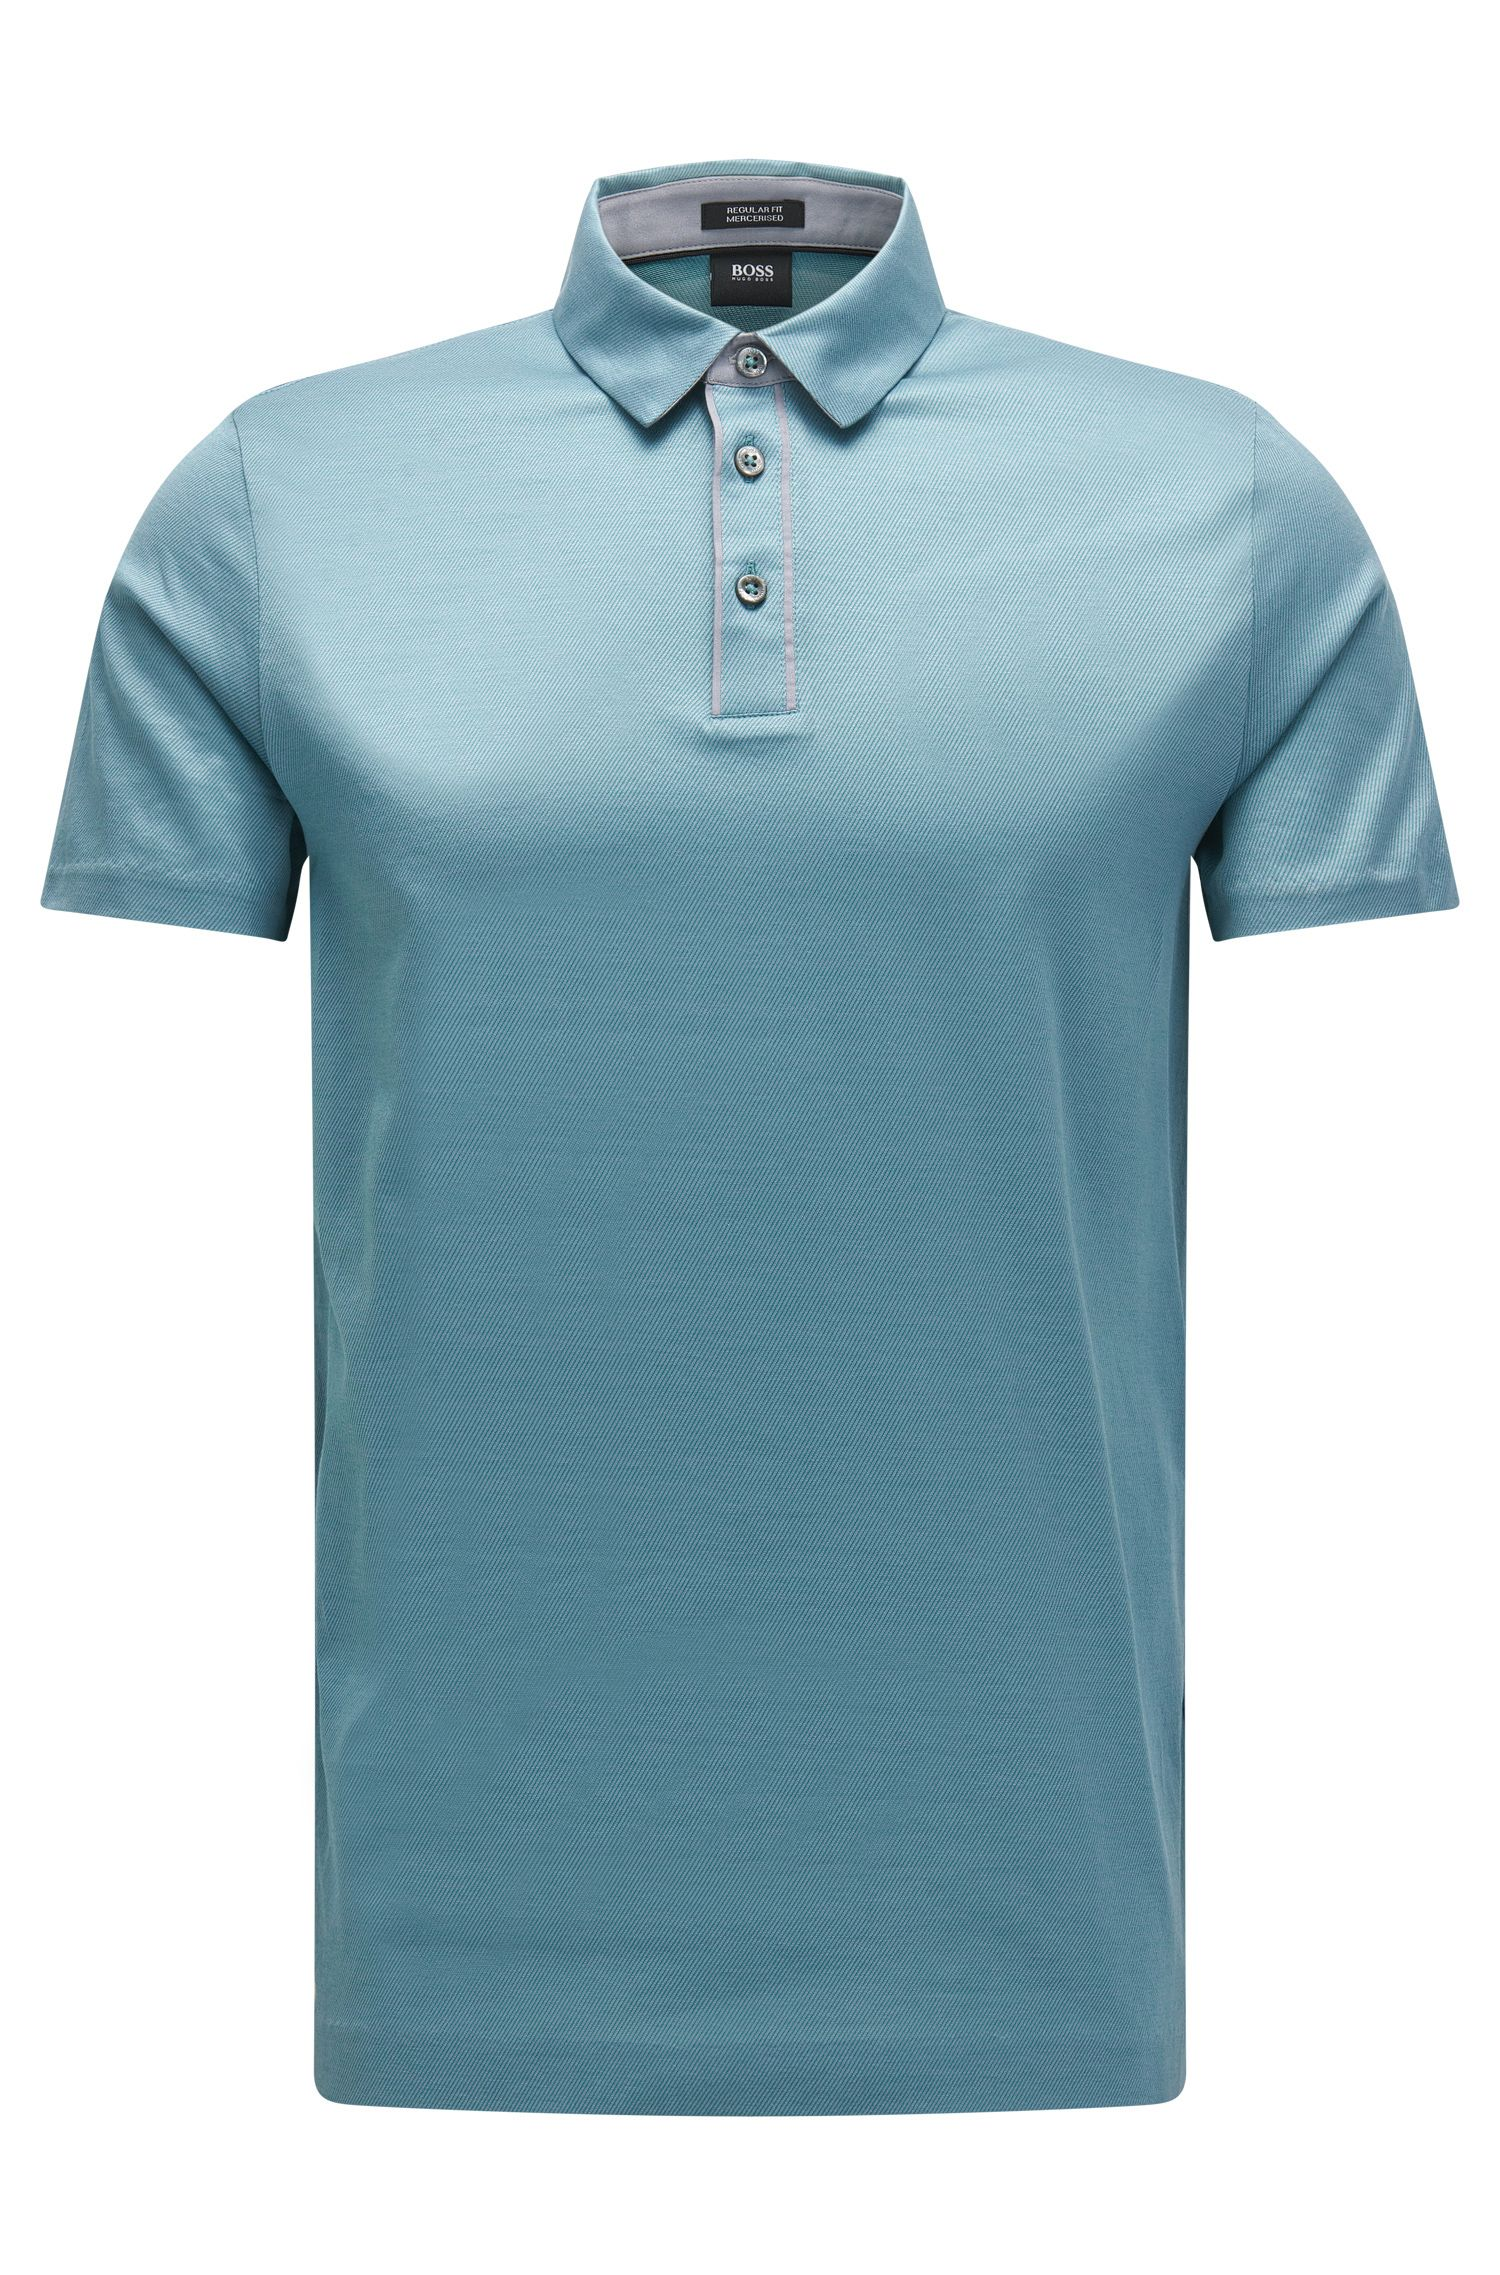 Mercerized Jacquard Cotton Polo Shirt, Regular Fit | Press